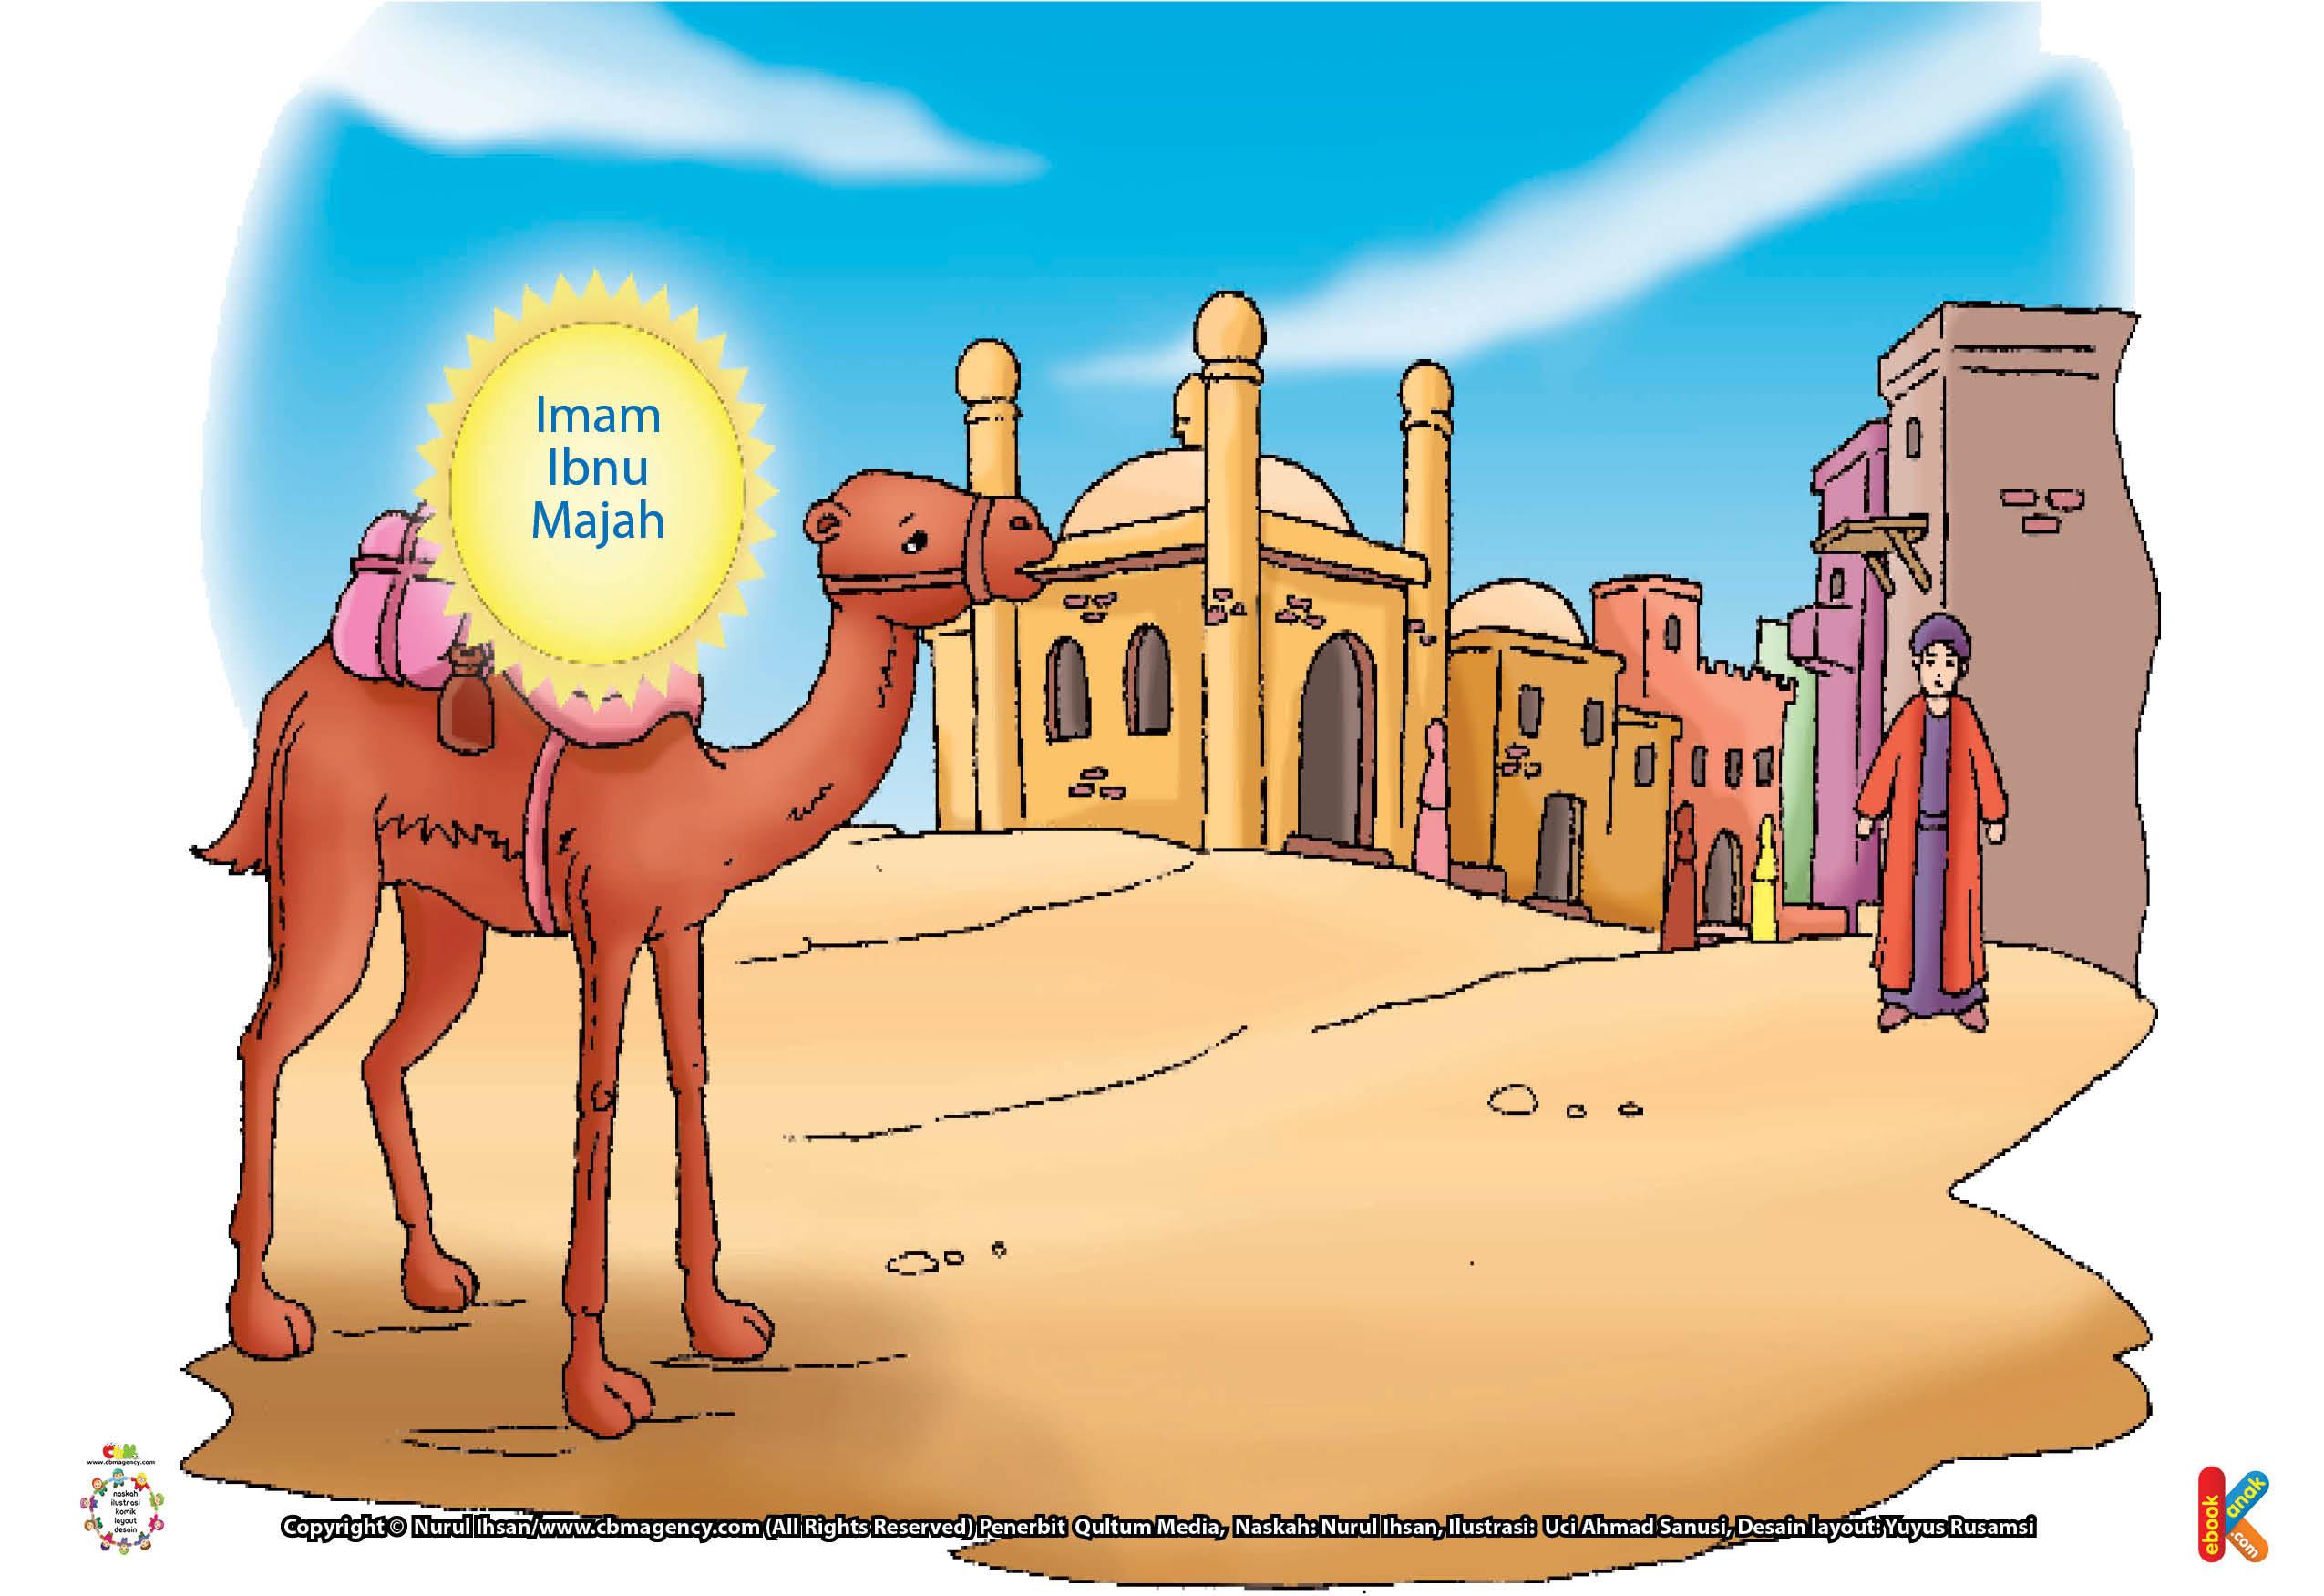 Puluhan negeri telah Imam Ibnu Majah kunjungi. Imam Ibnu Majah dapat menghimpun dan menulis puluhan, bahkan ribuan hadist dari sumber-sumber yang dipercaya kesahihannya.